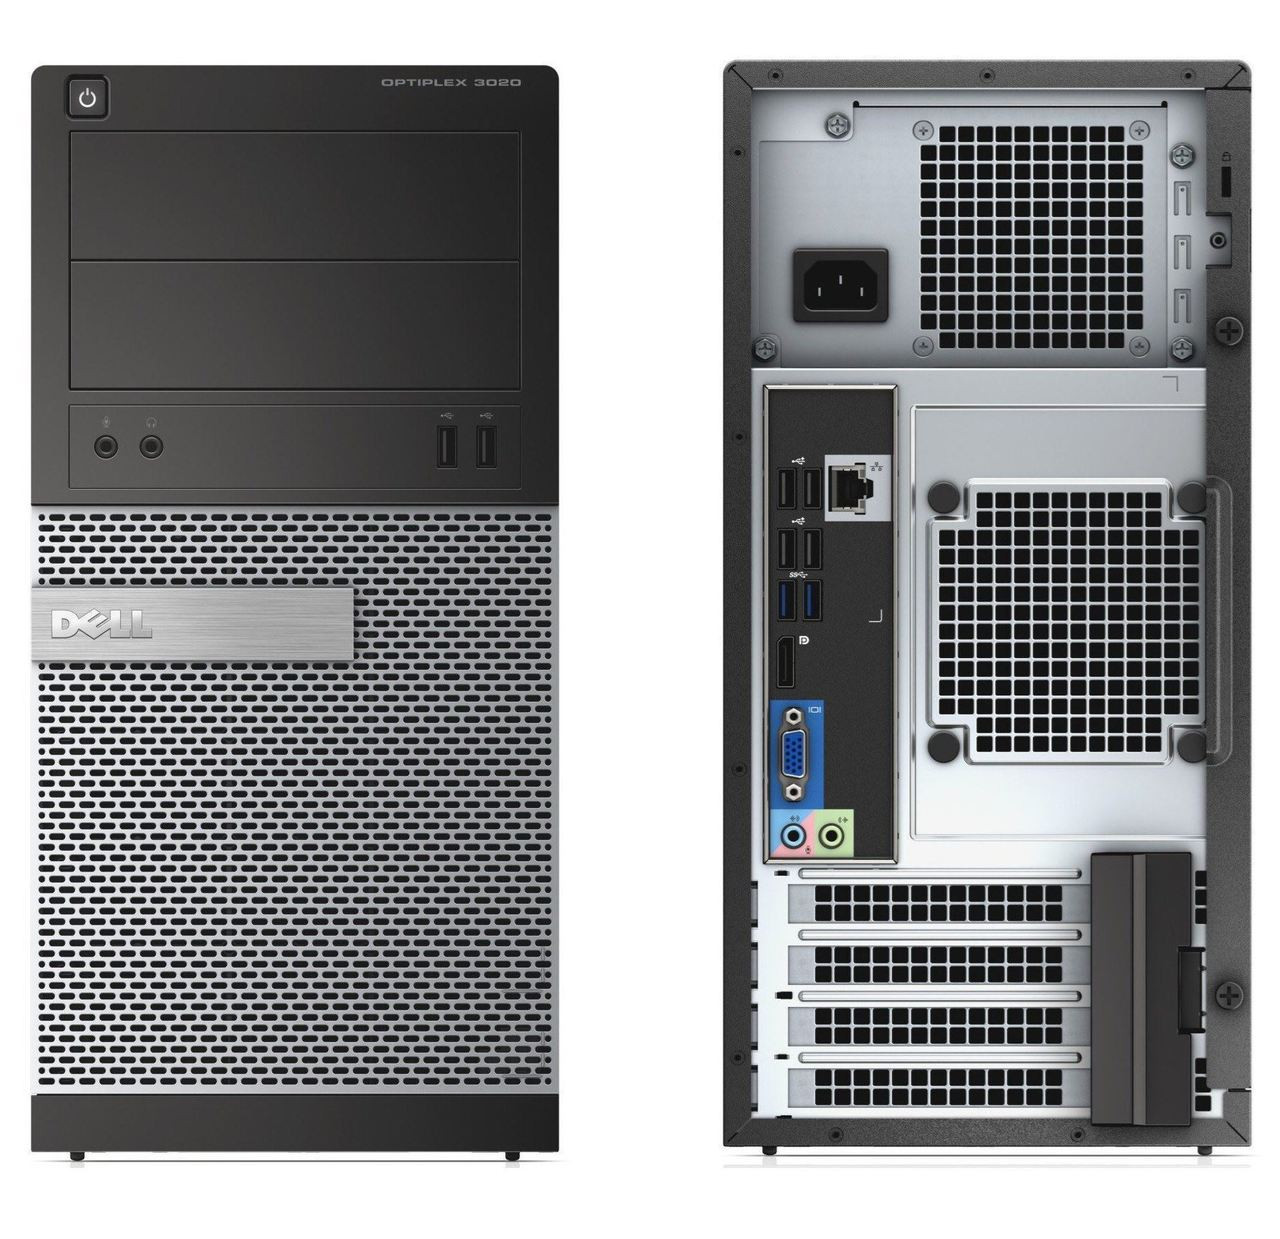 Dell Optiplex 3020 Core i3 Mini Tower Win 10